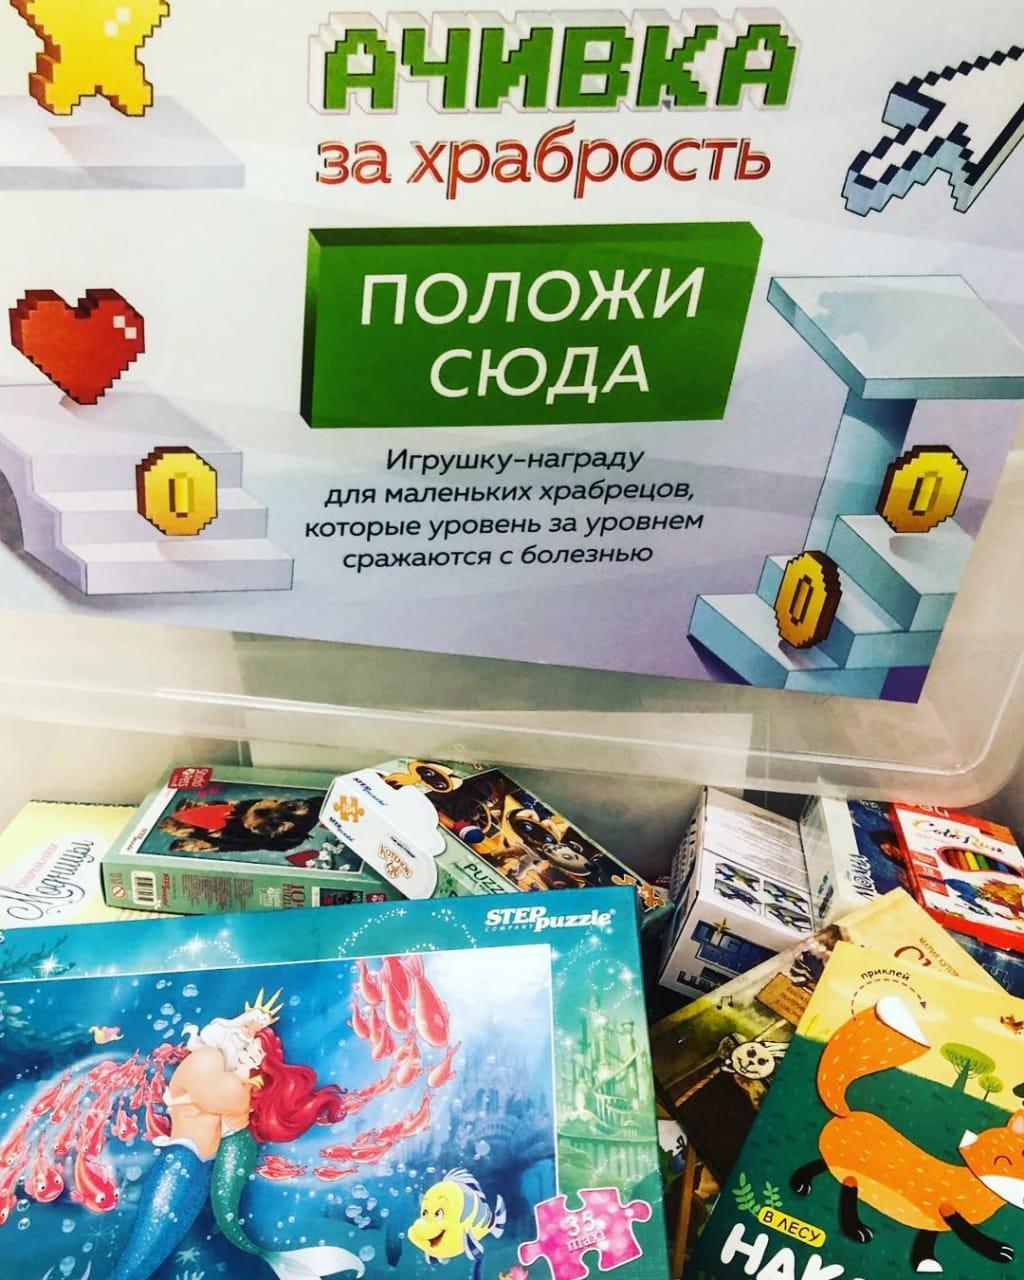 АДВ Экспириенс отправляет игрушки для коробки храбрости в регионы